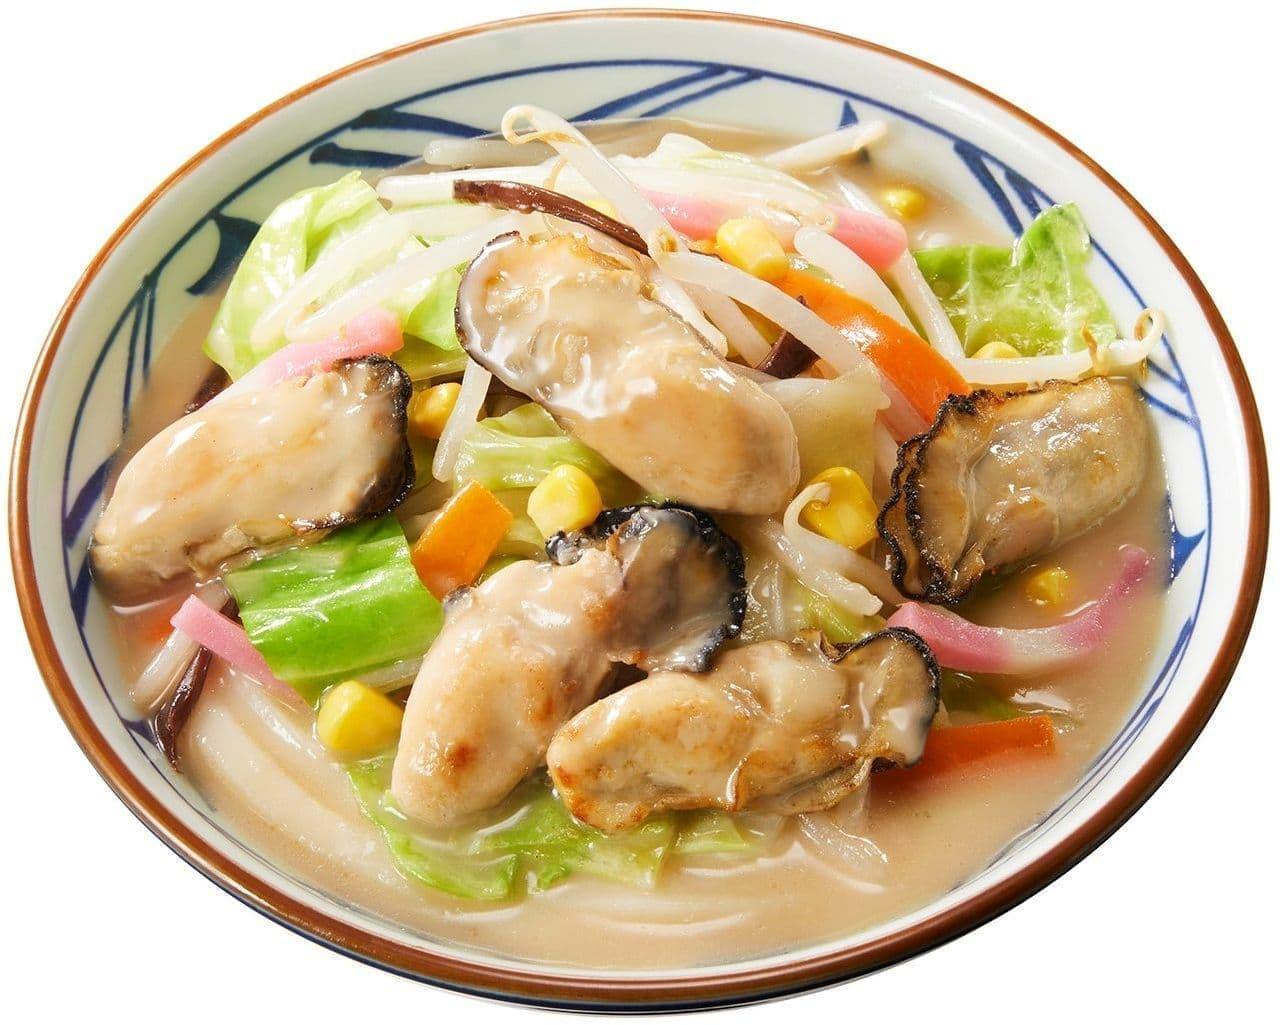 丸亀製麺「牡蠣ちゃんぽんうどん」